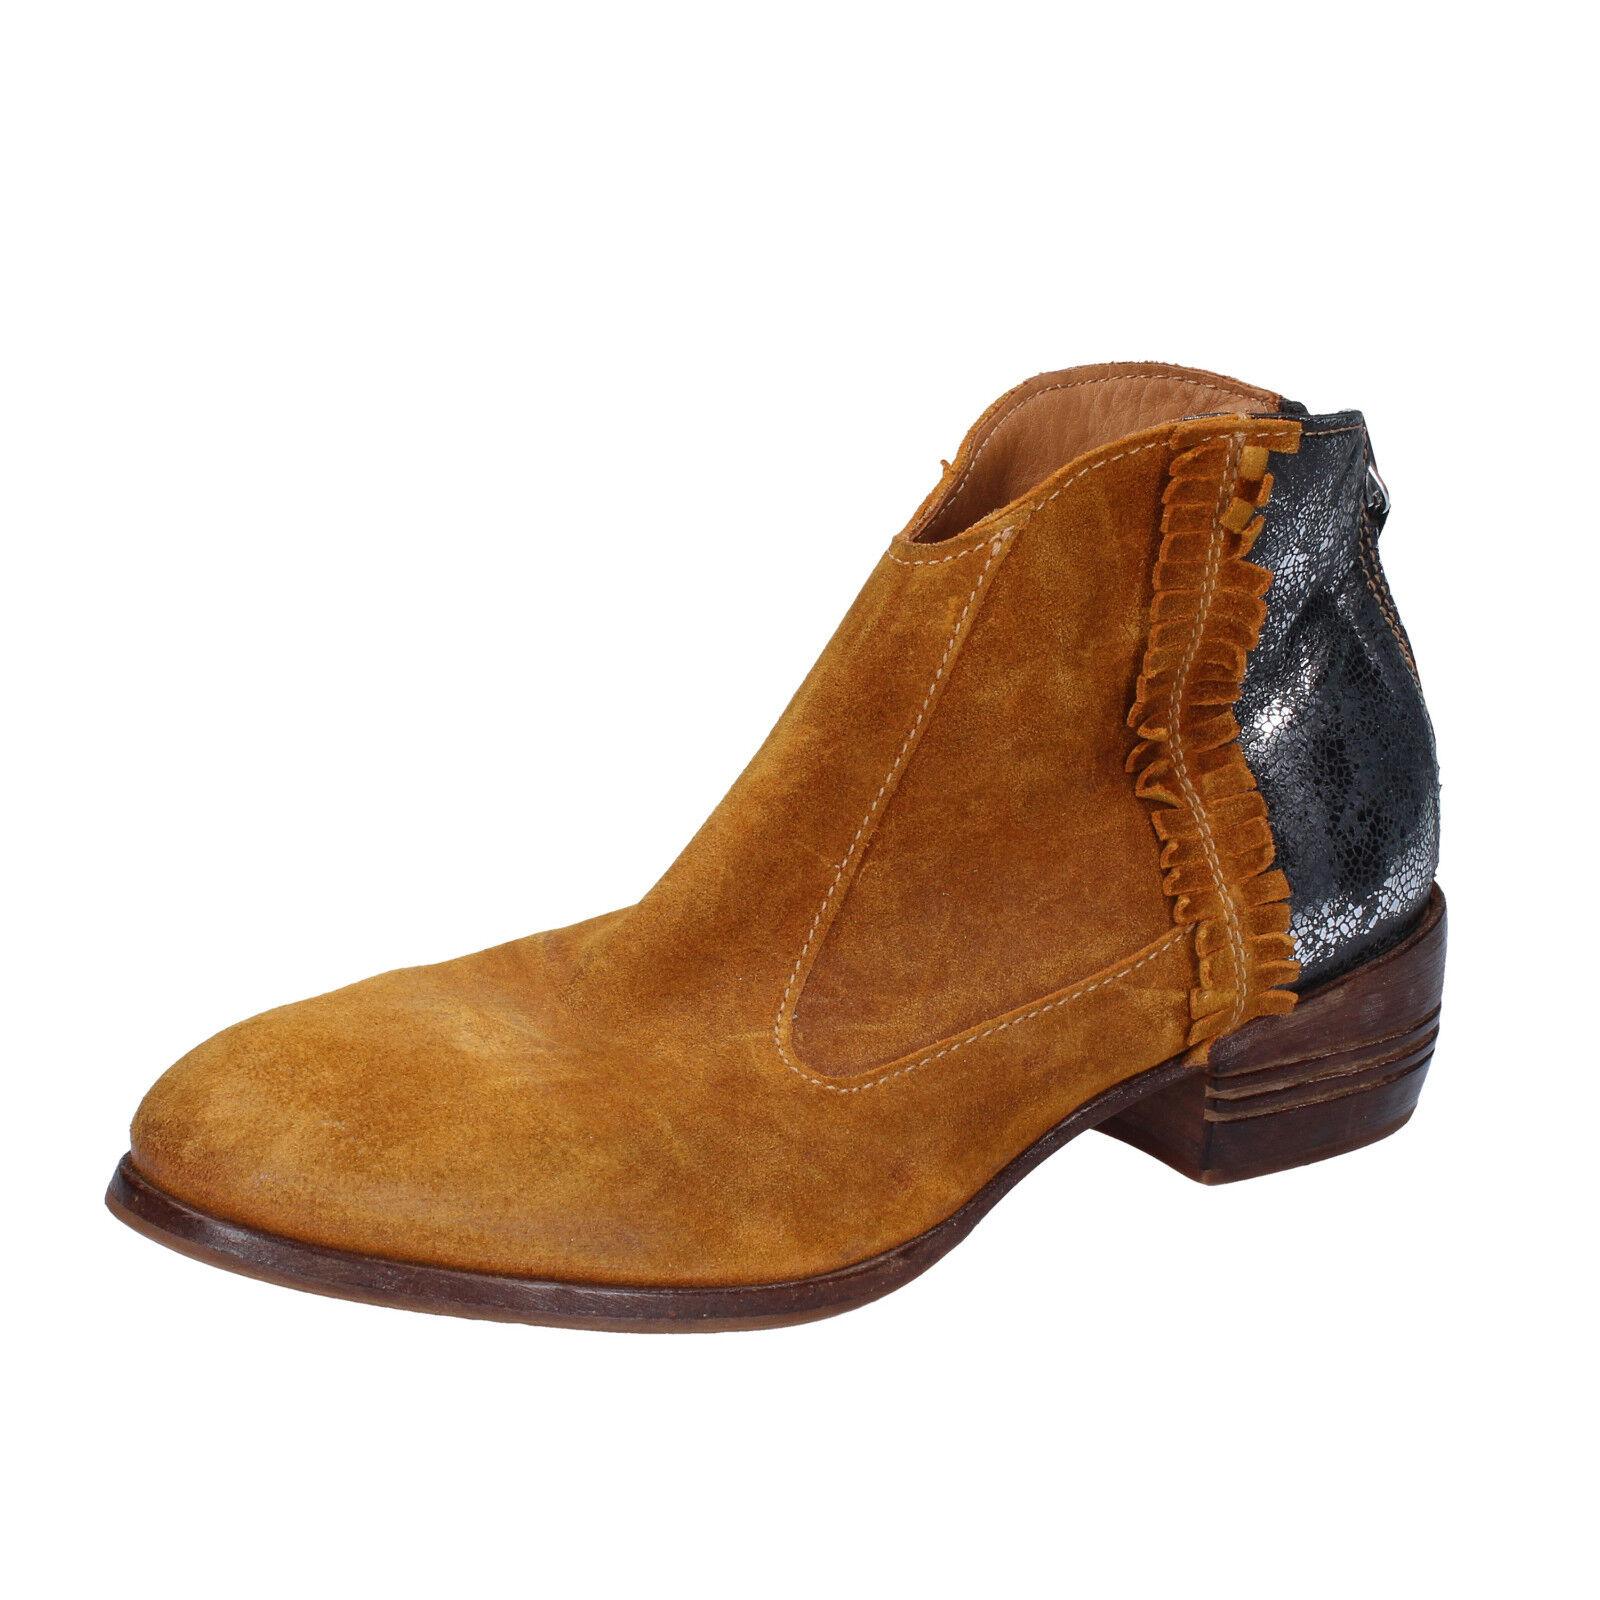 Grandes zapatos con descuento scarpe donna MOMA 37 EU tronchetti giallo argento camoscio pelle BT10-37